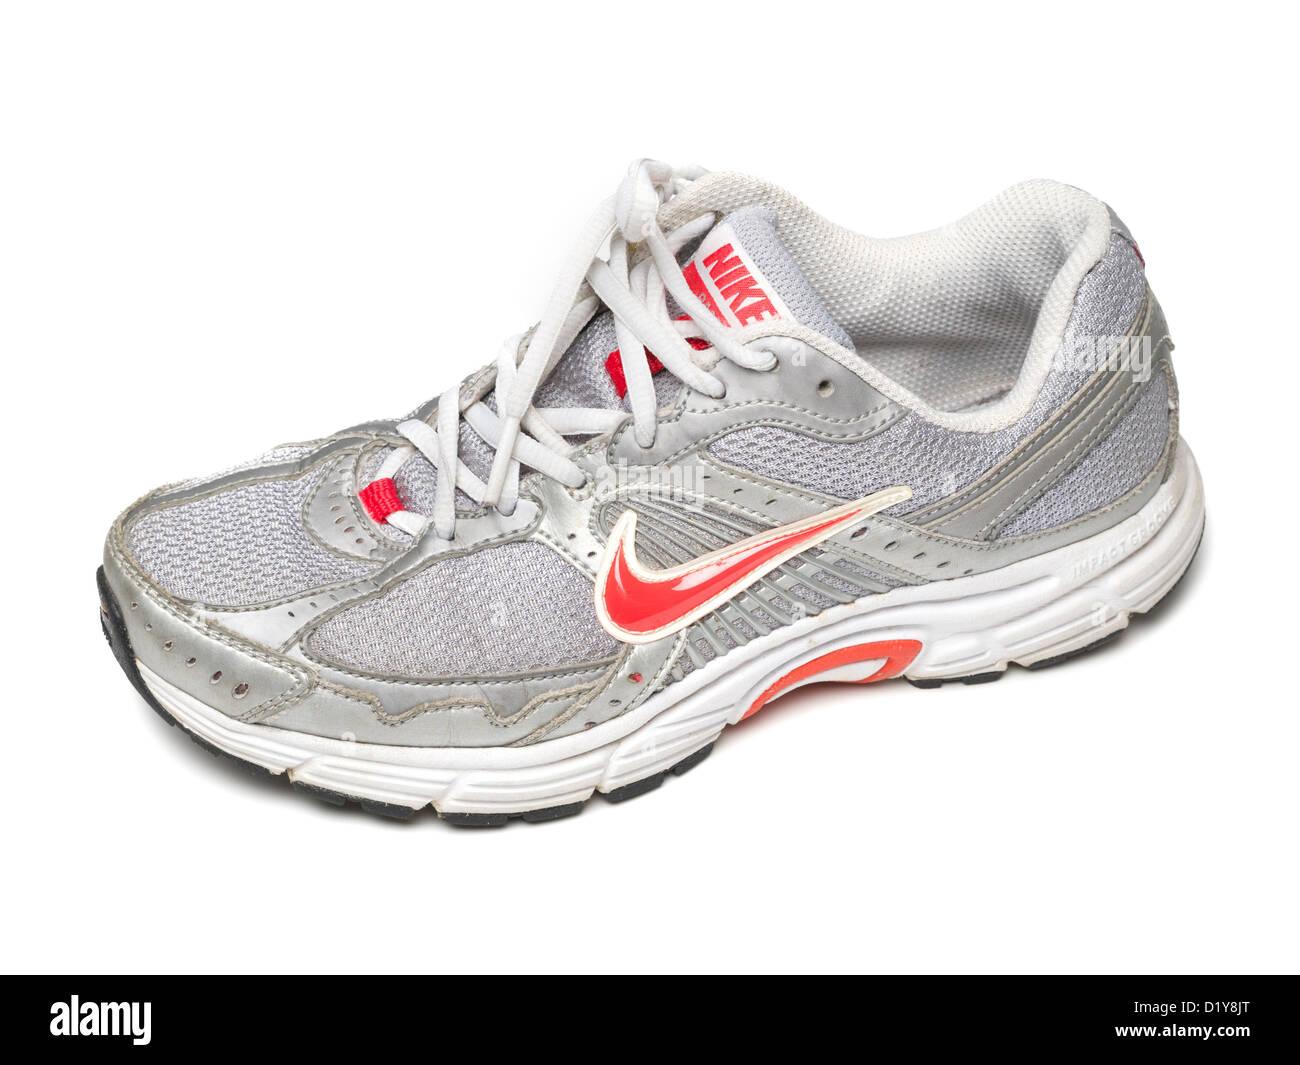 Grey Nike running shoe isolated on white background